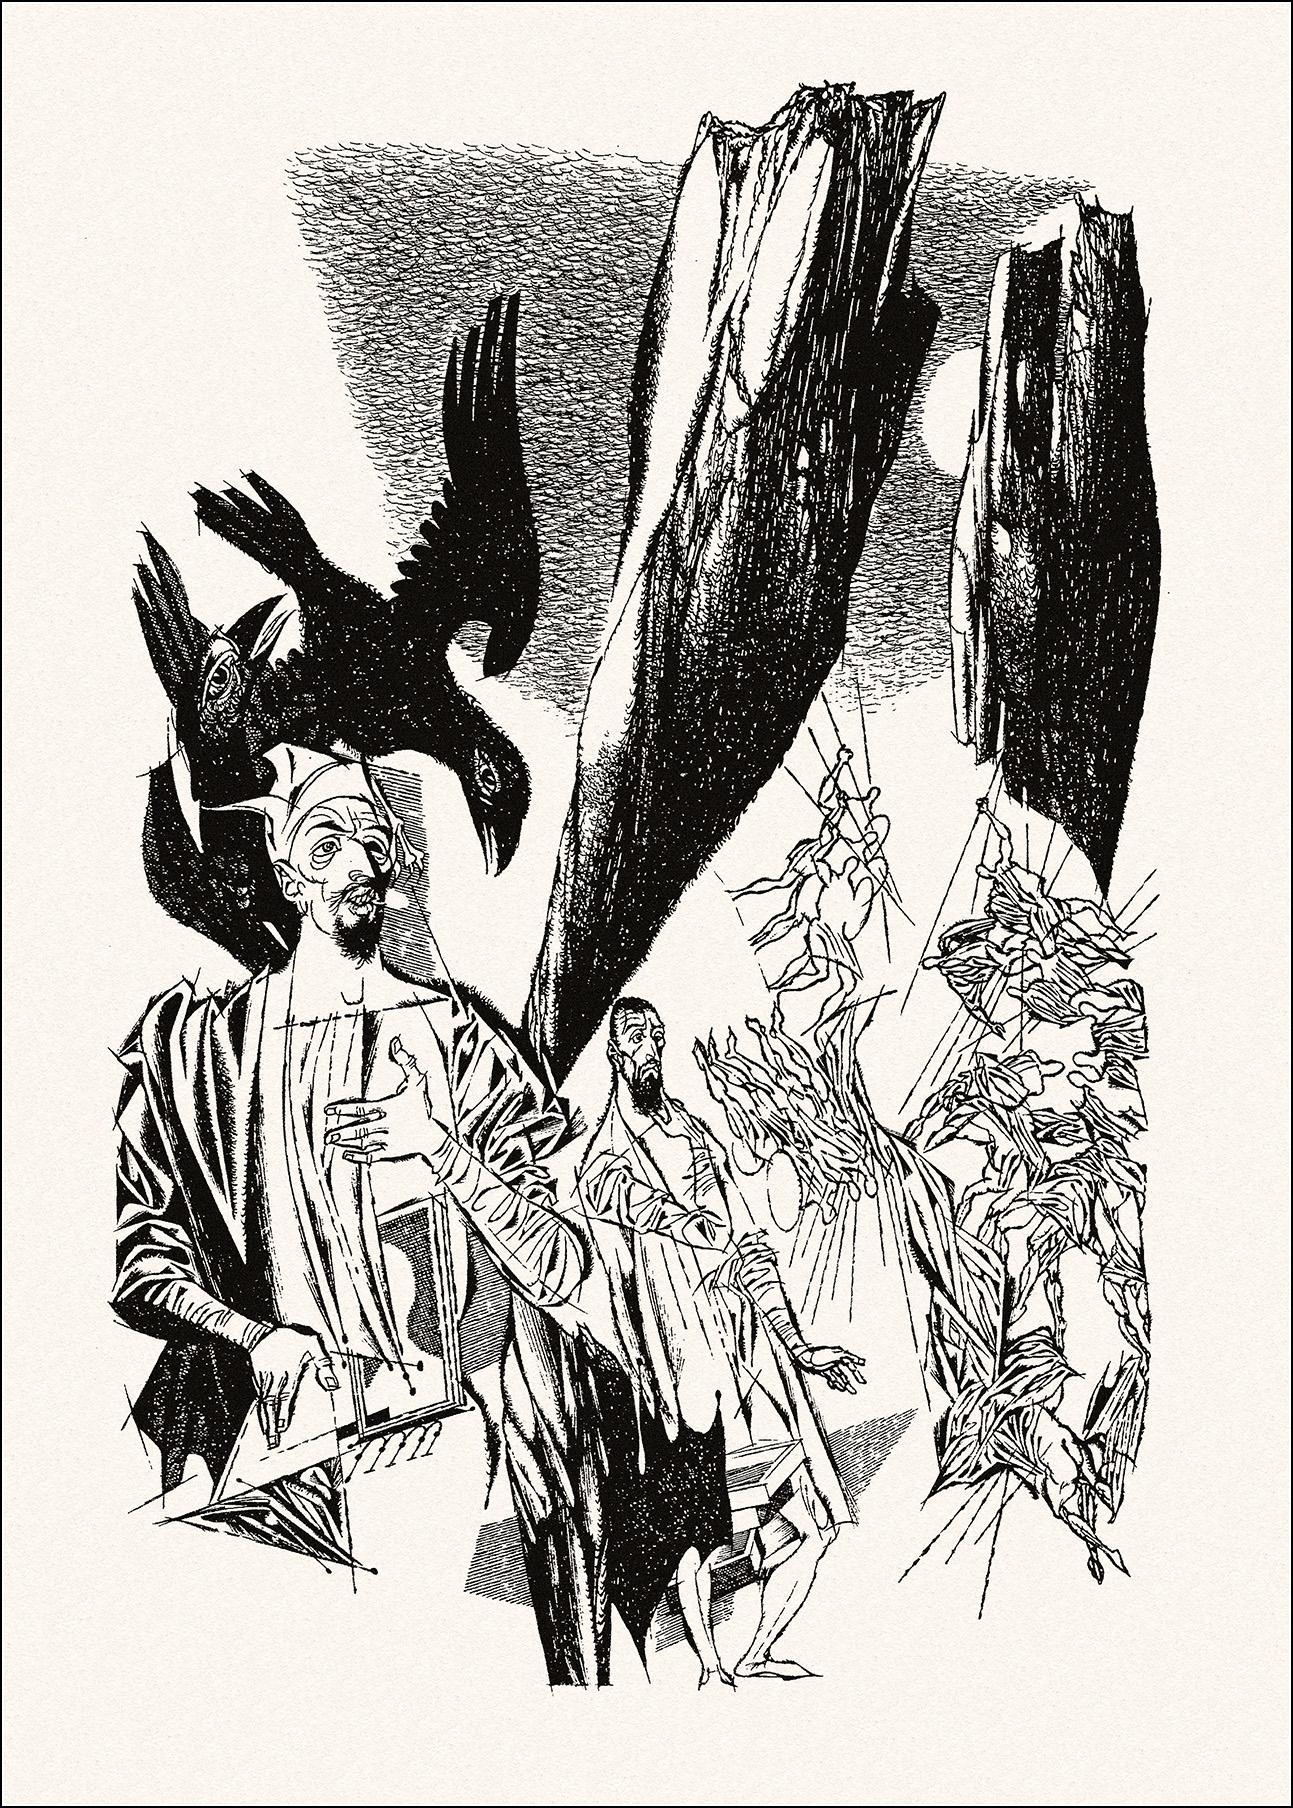 Faust II, Vincent Hložník